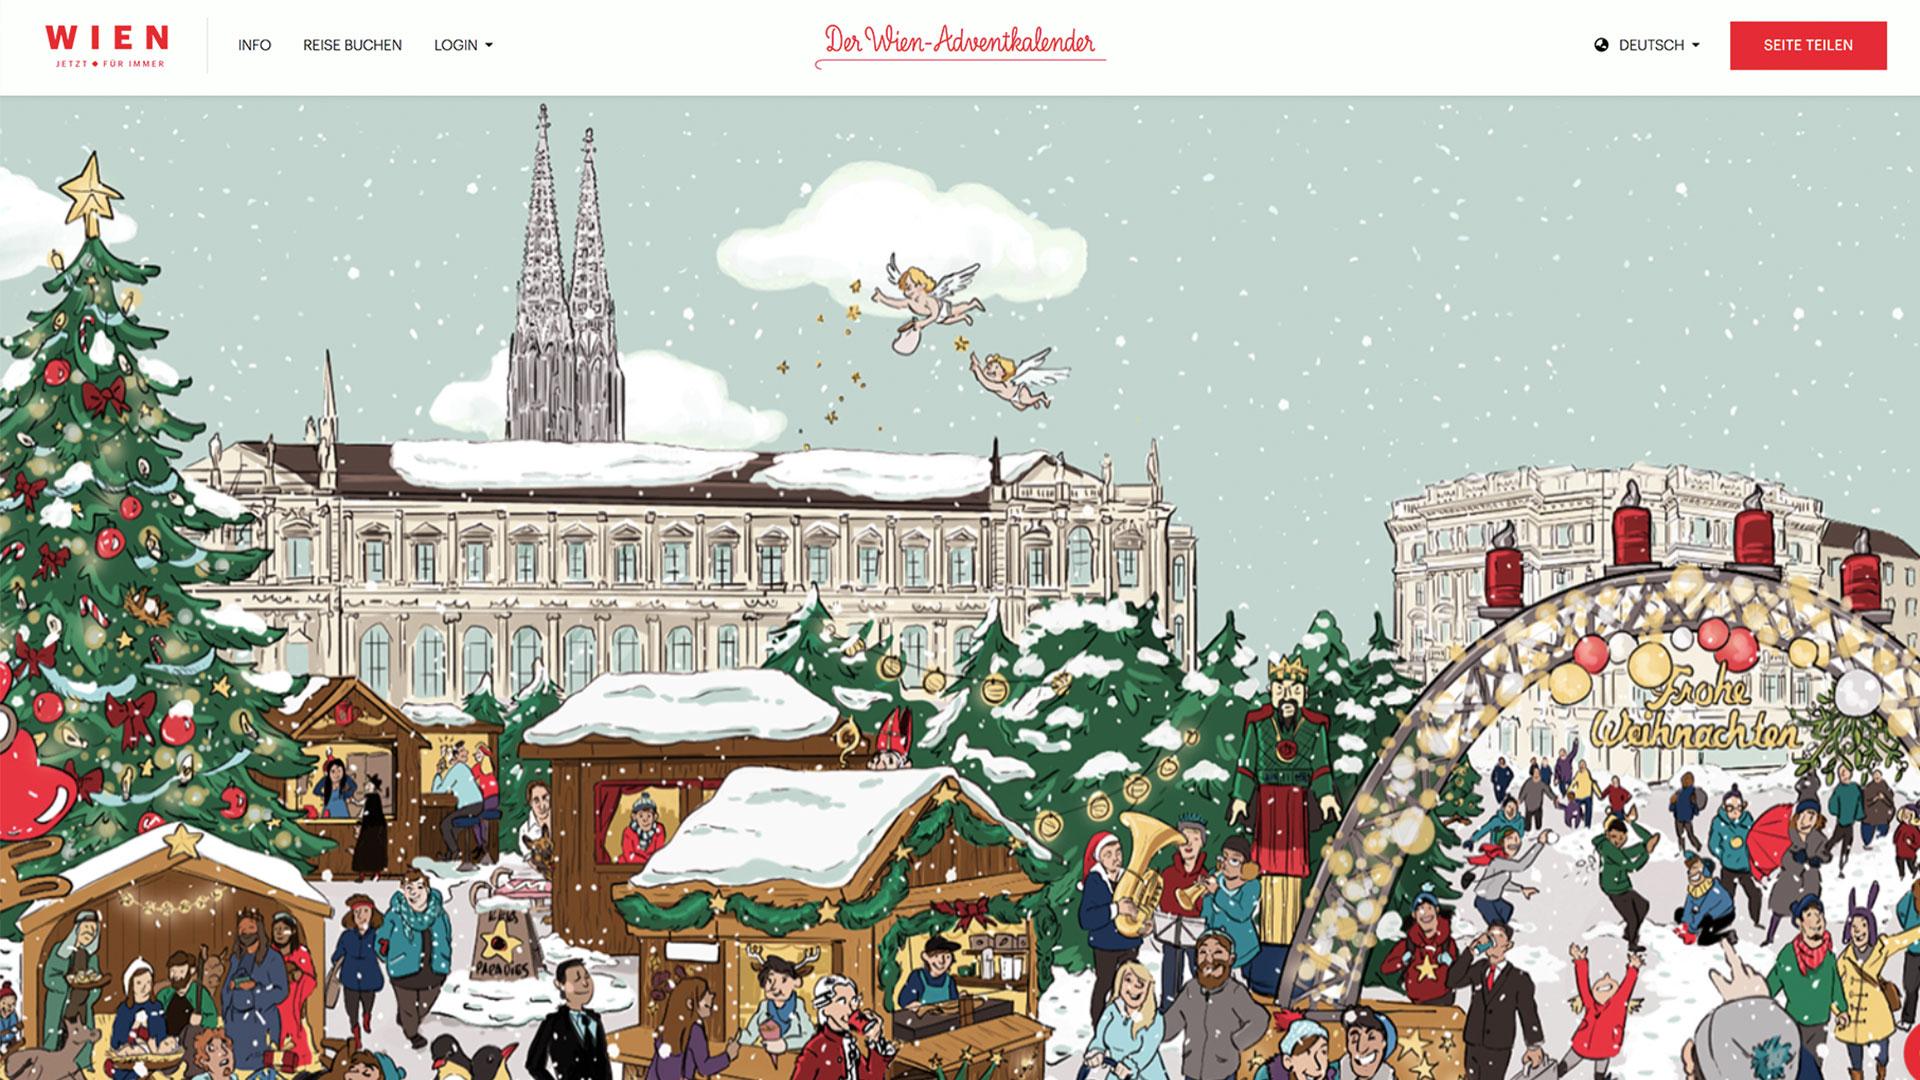 Wien Tourismus Adventkalender